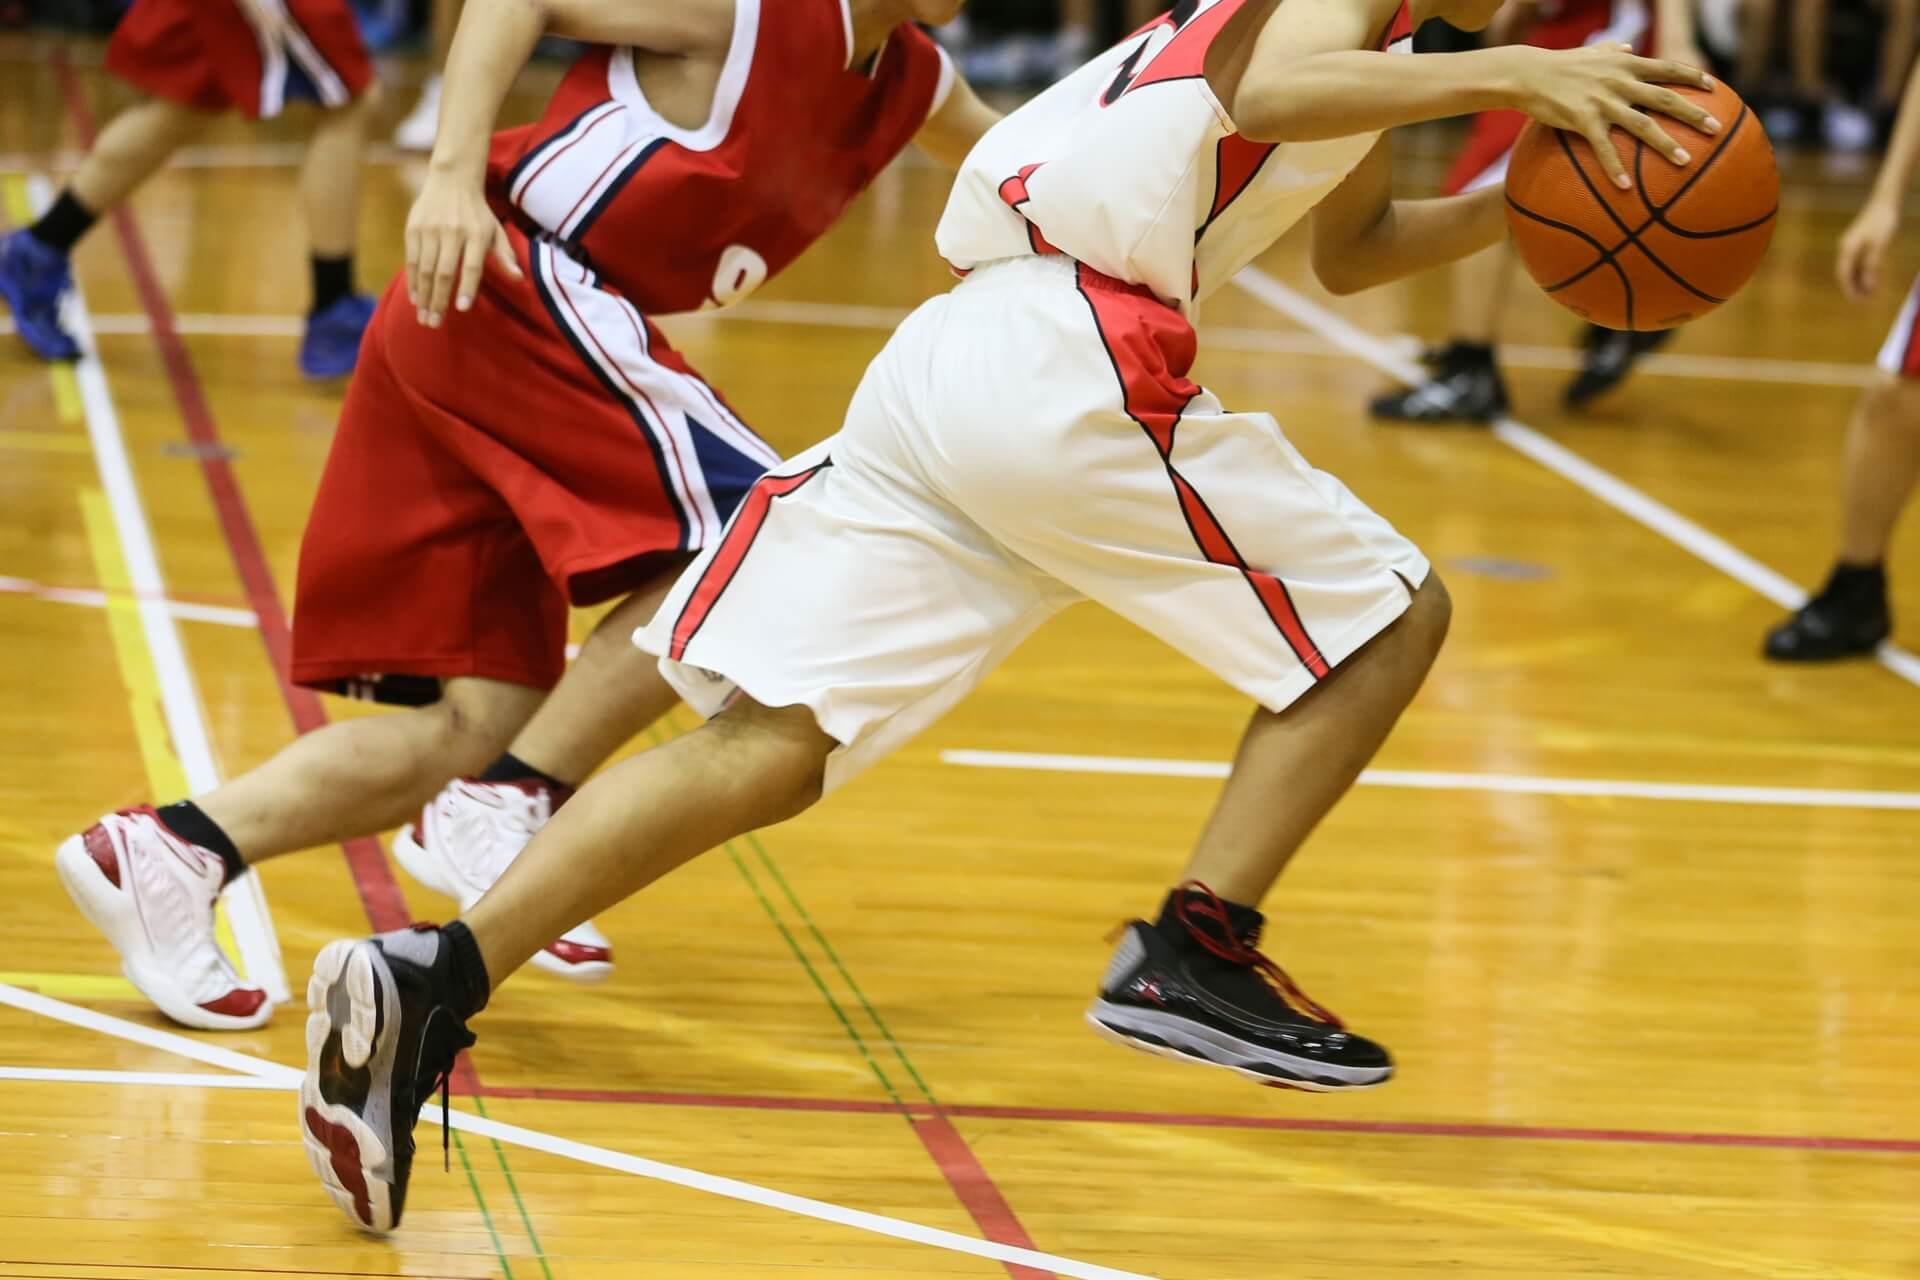 広島のプロバスケチーム